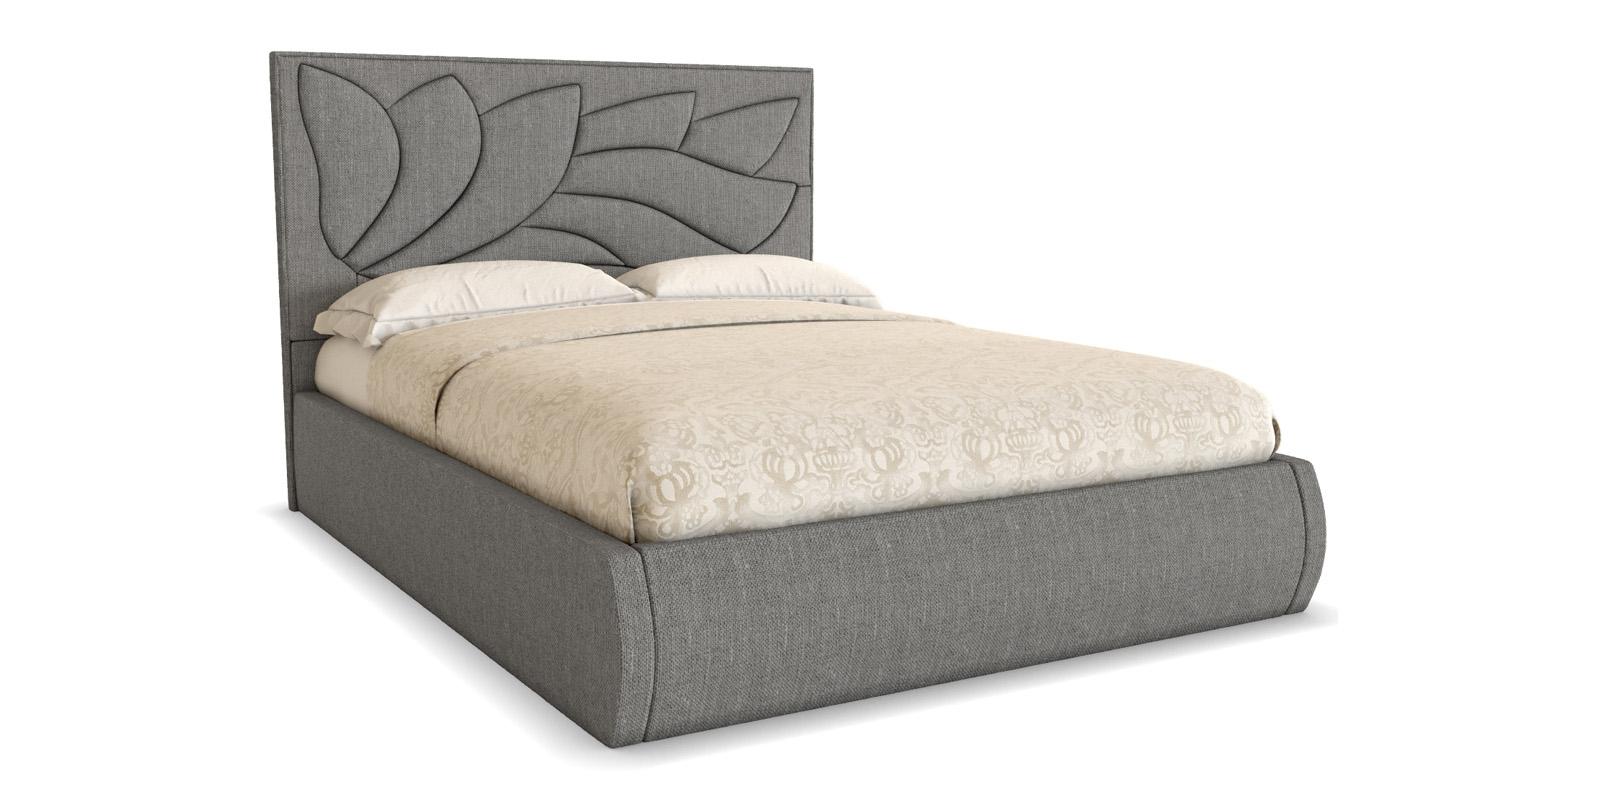 Мягкая кровать 200х140 Диона с подъемным механизмом (серый)